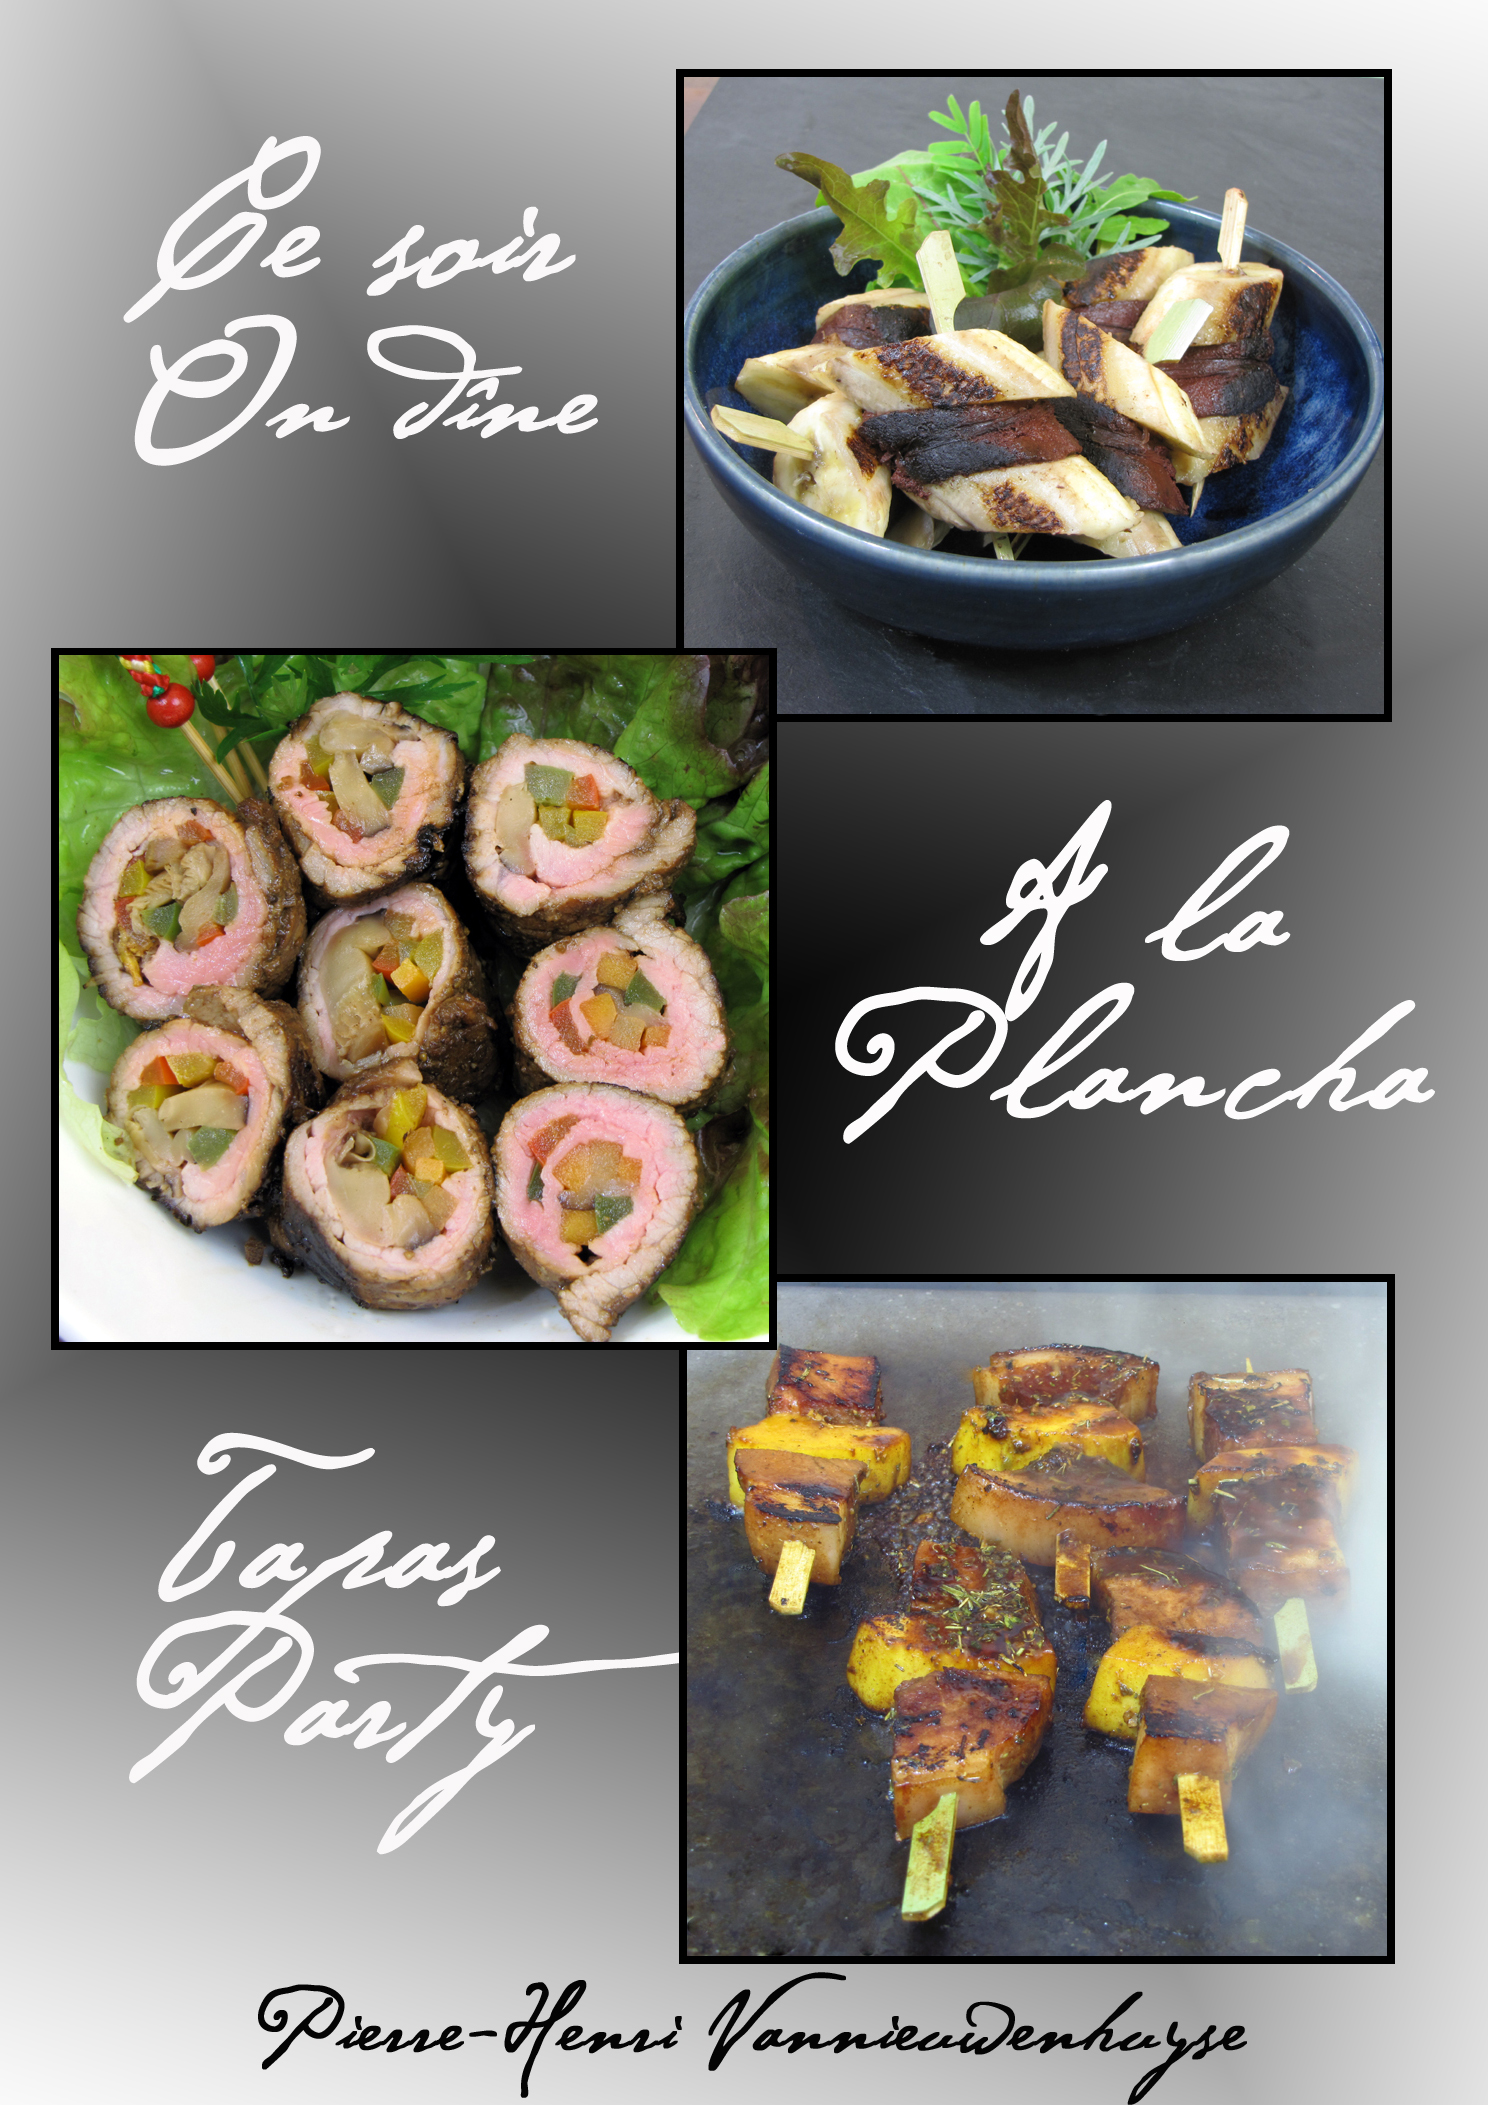 Ebook ce soir on dine la plancha tapas party nach pierre henri vannieuwenhuyse recettes et - Idee plancha party ...